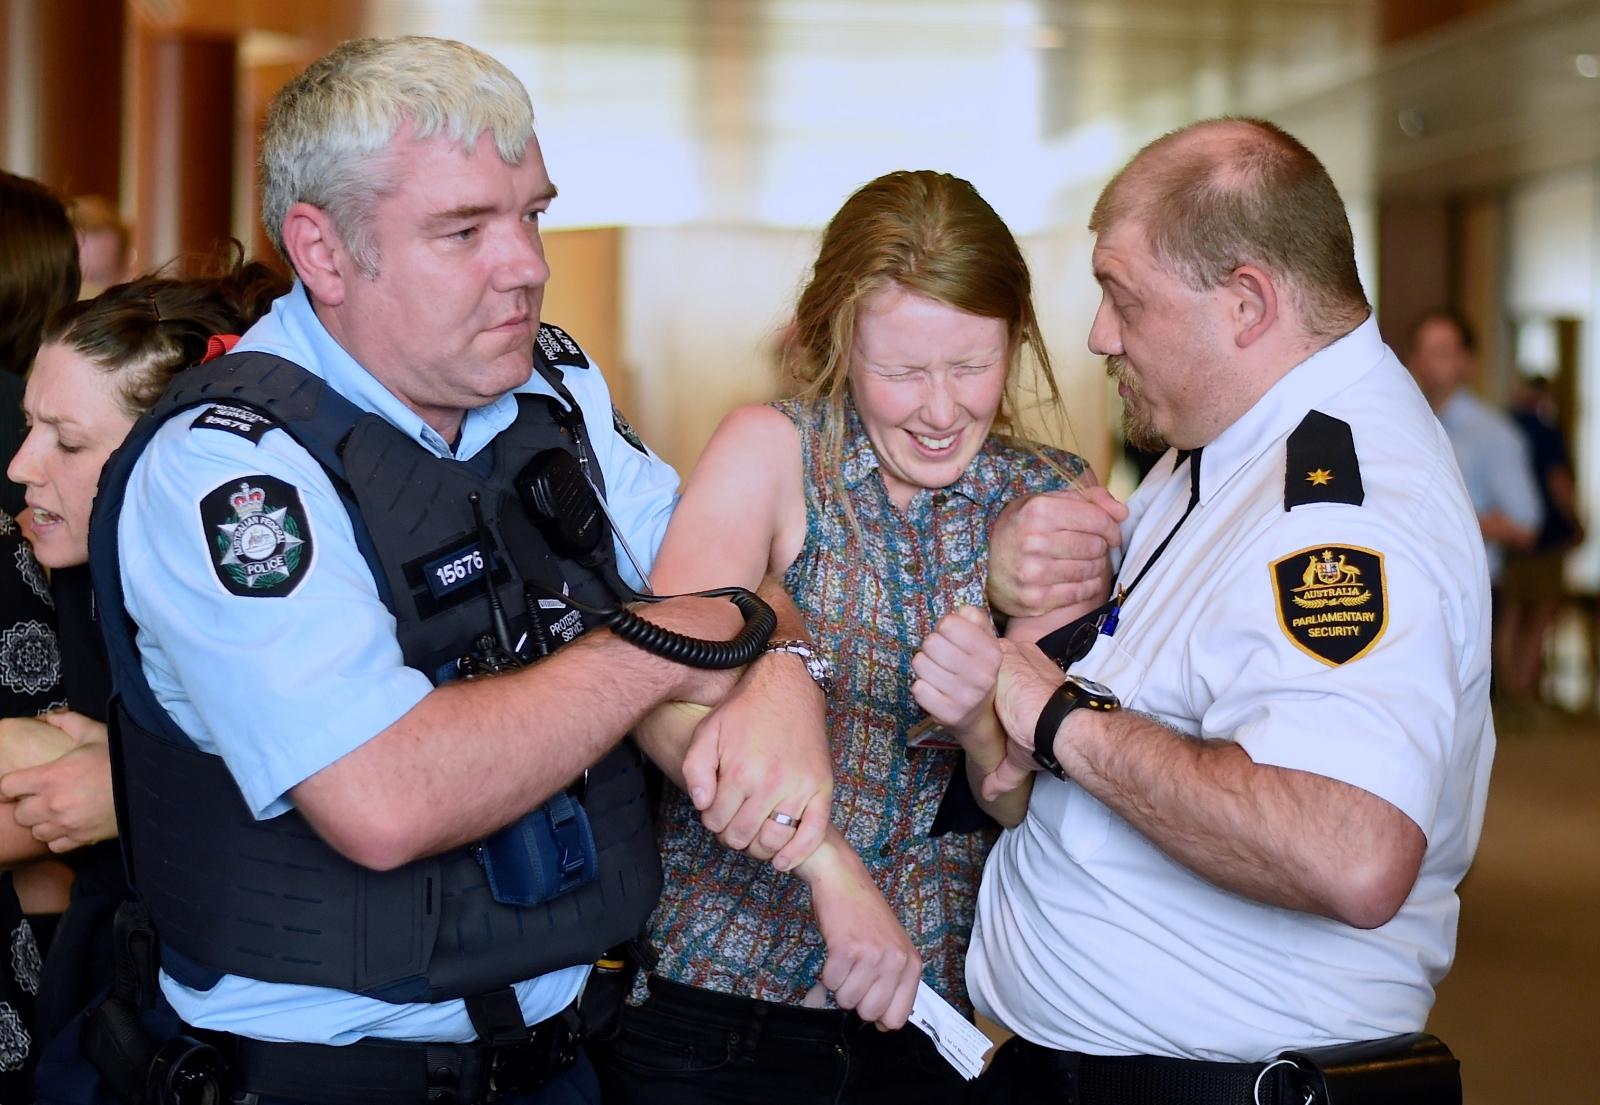 Australia Parliament protest